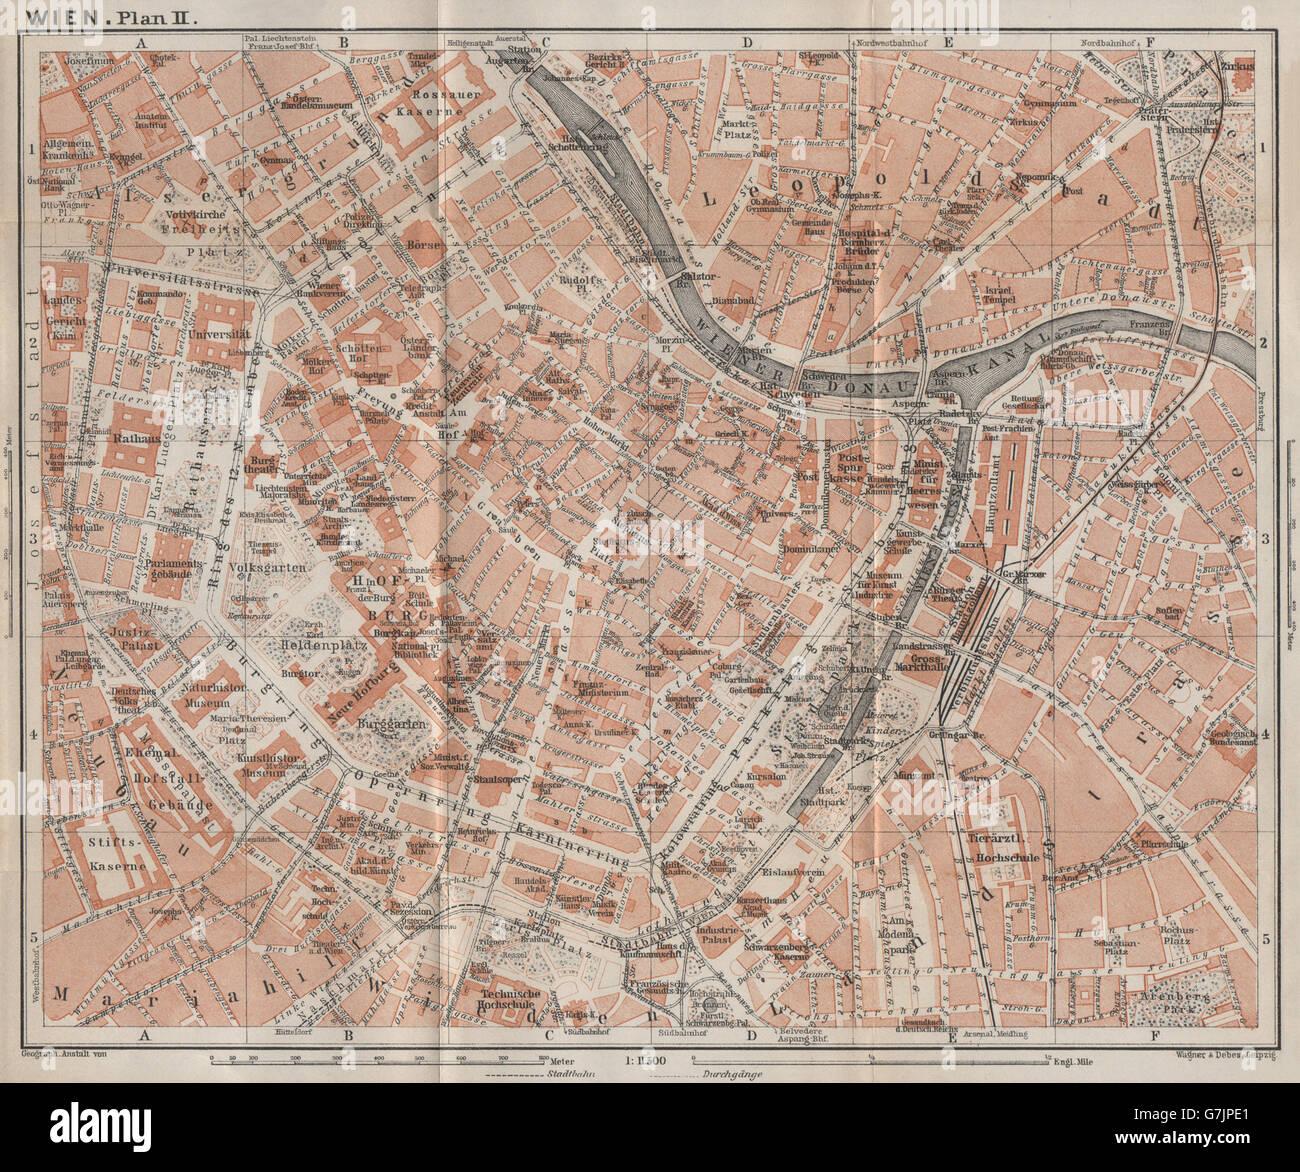 VIENNA city centre WIEN Burg Town plan stadtplan Austria Stock